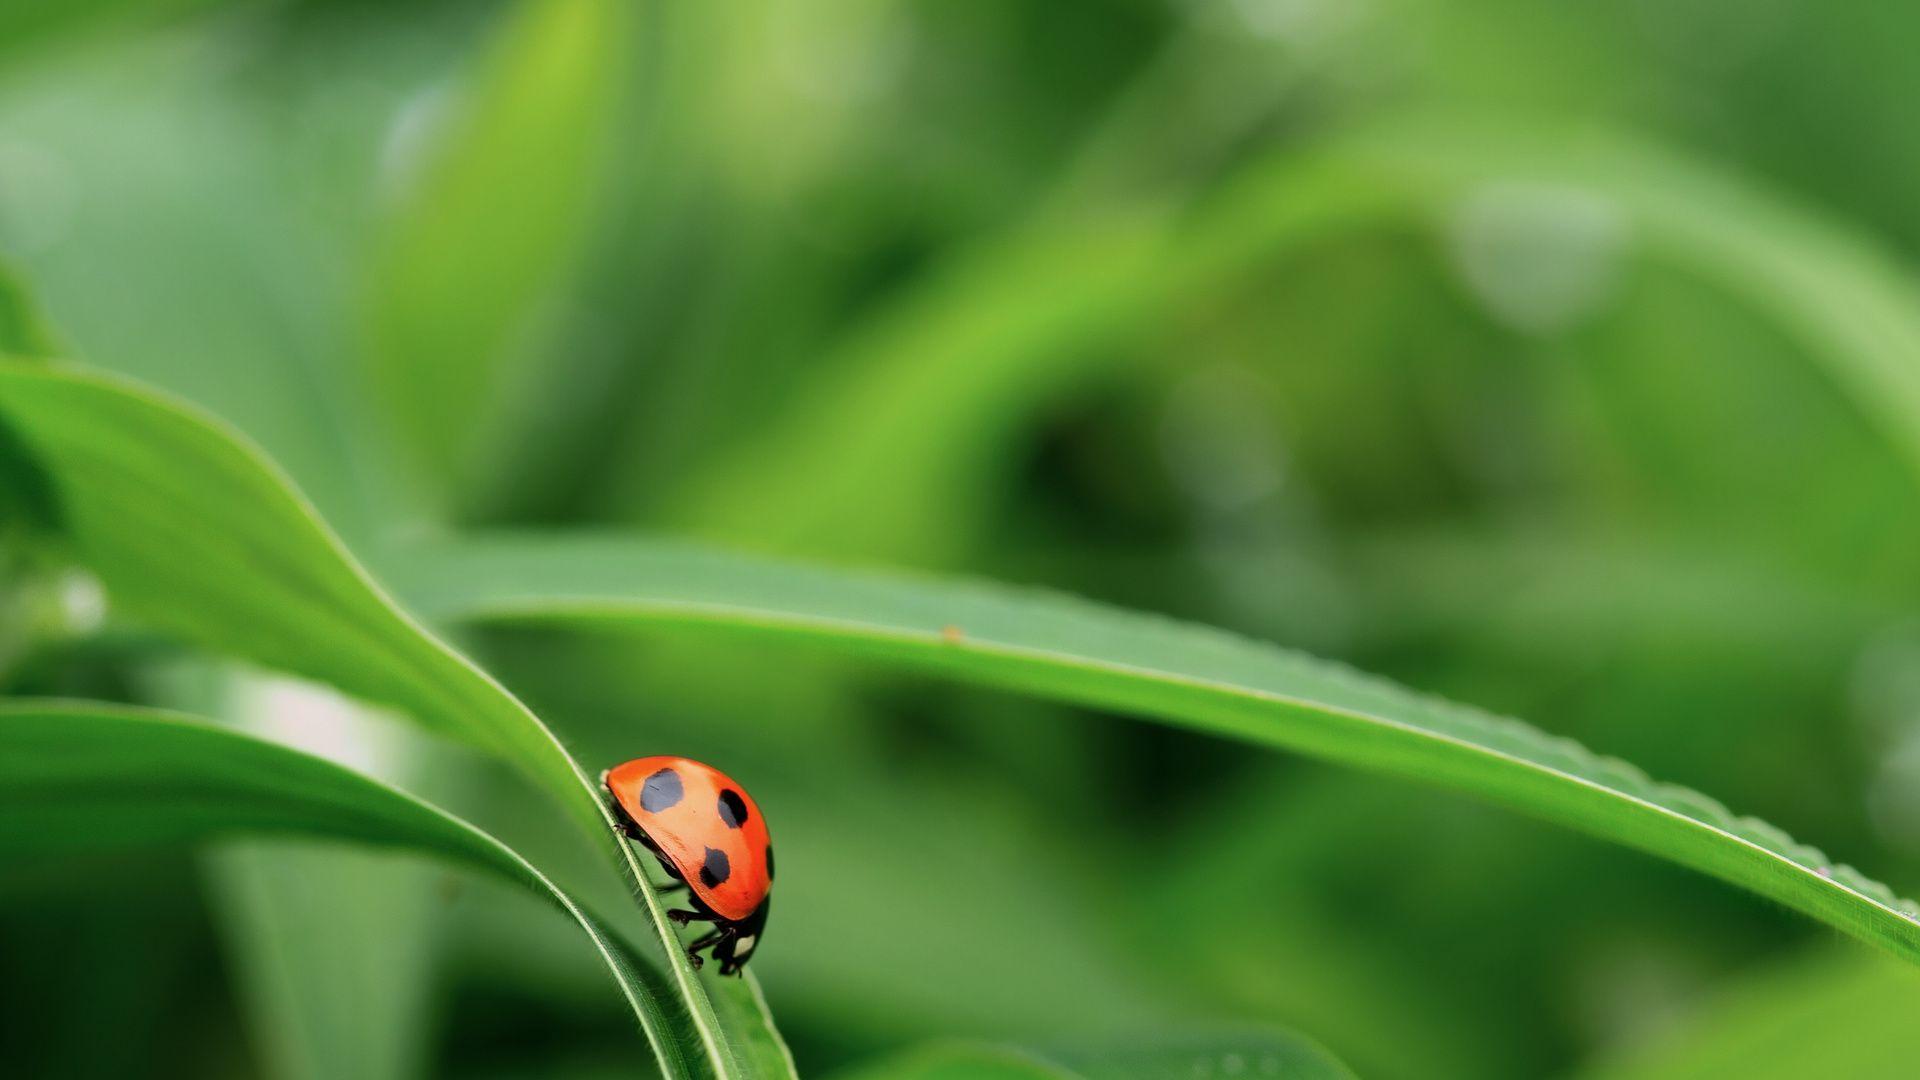 Wallpaper Ladybug 1